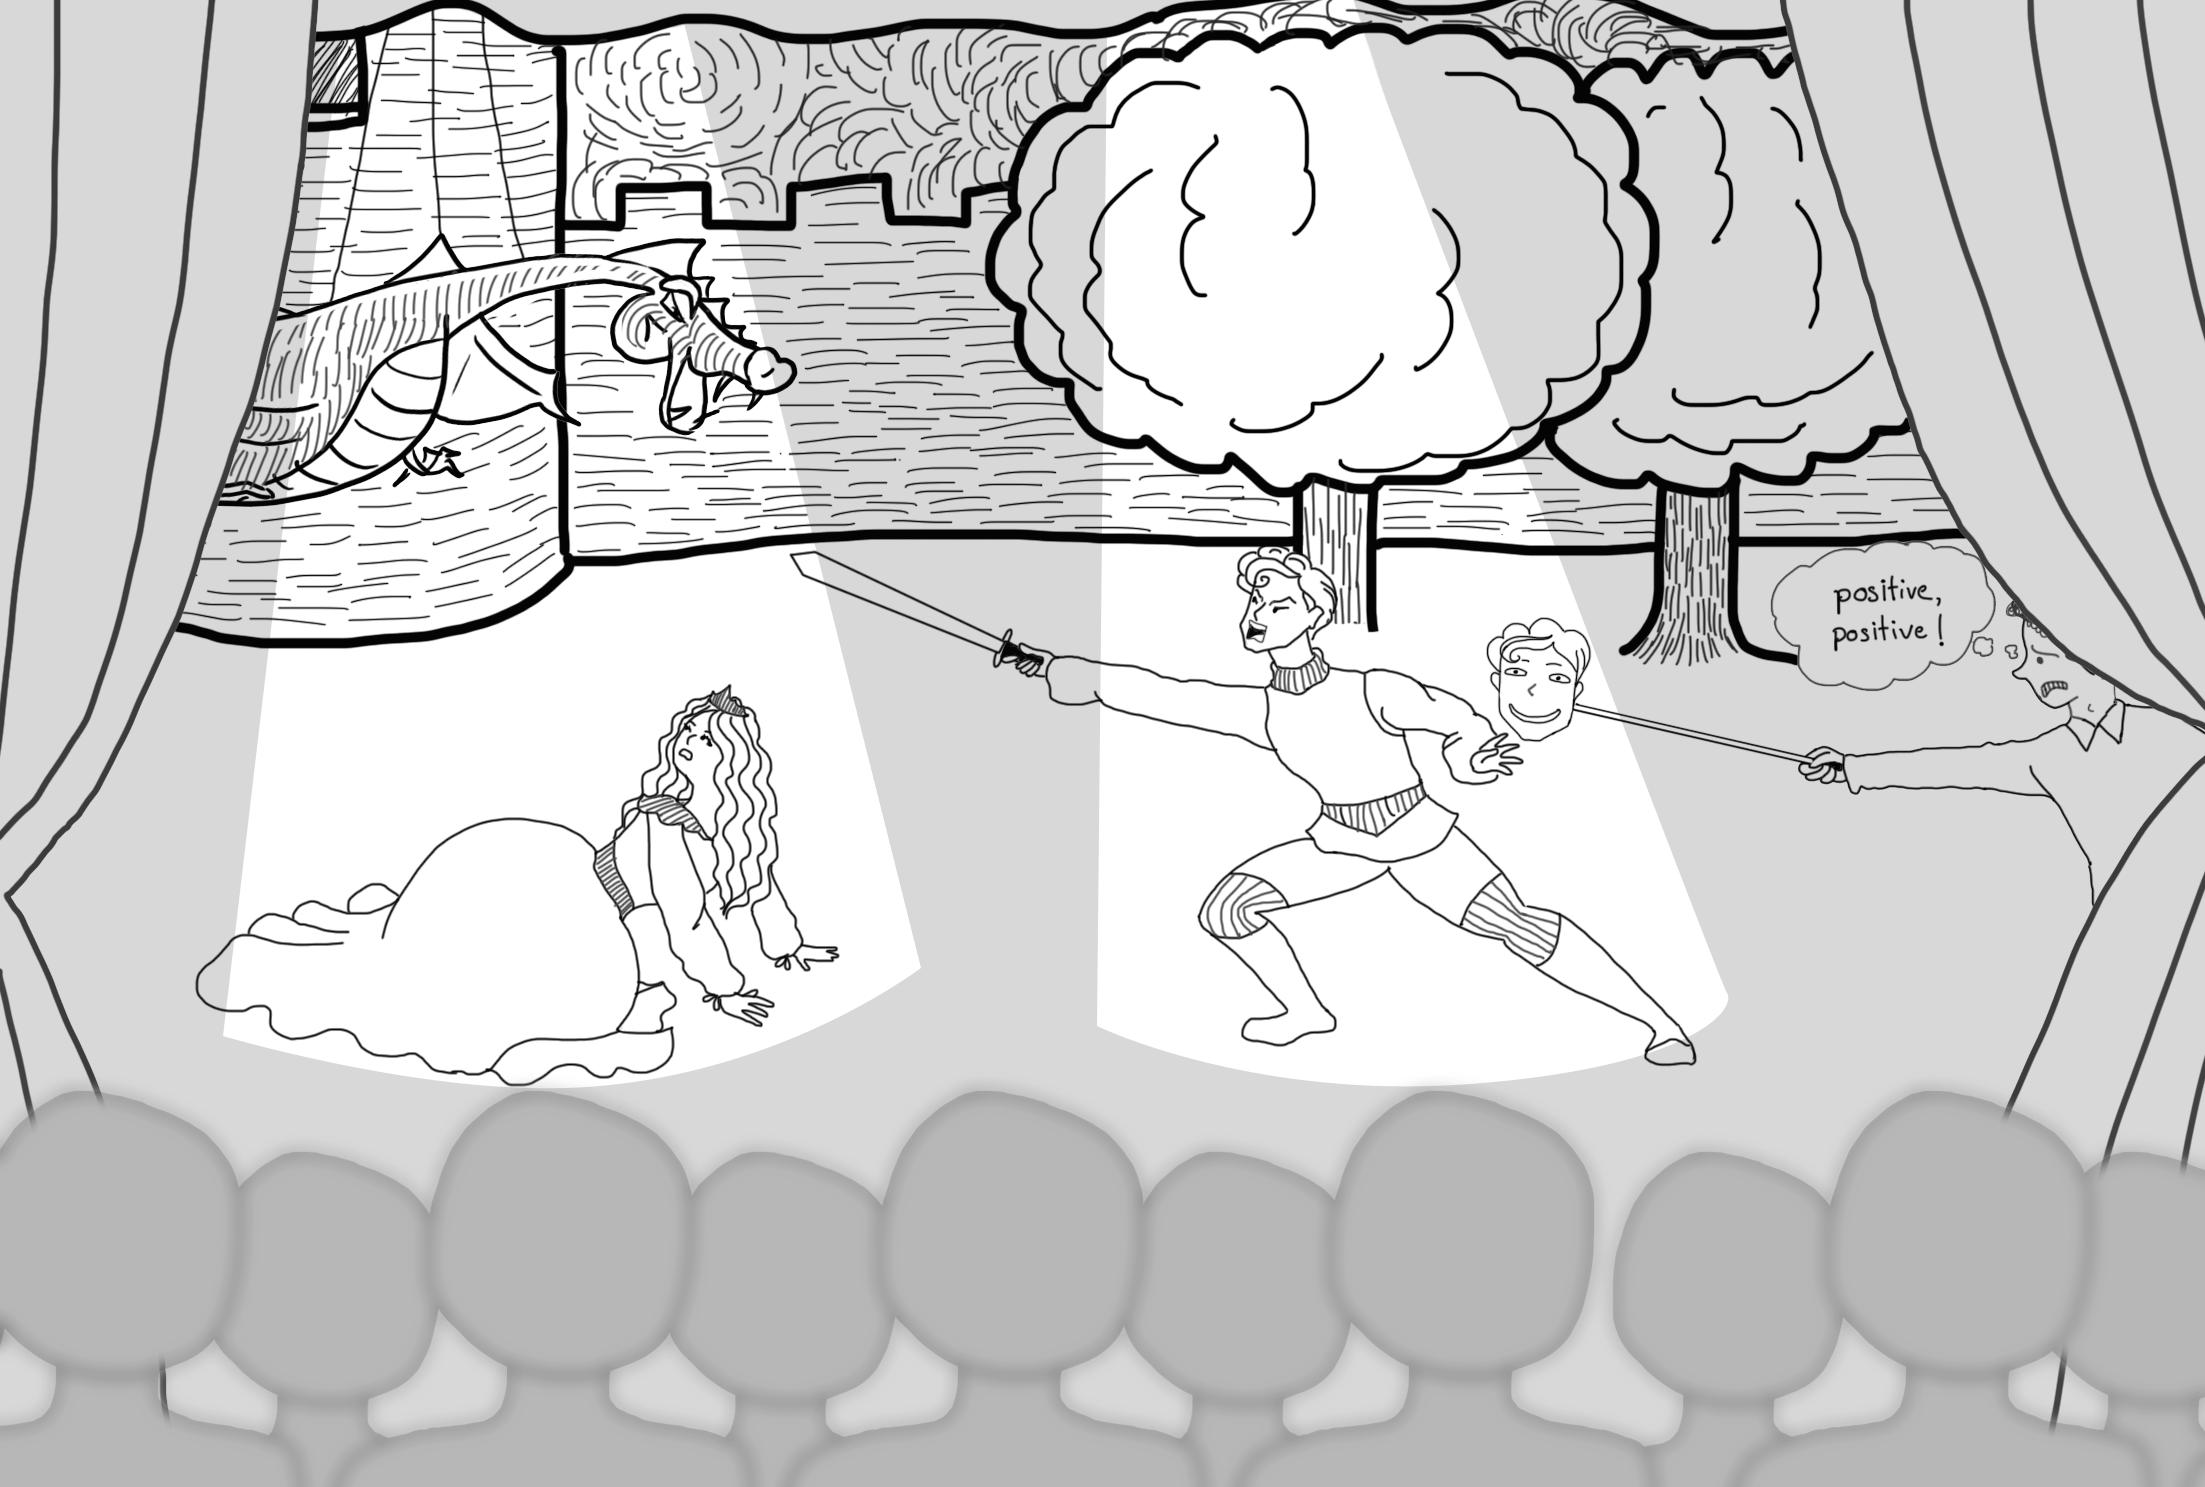 Des acteurs jouent une scène de conte : un homme armé défend une princesse menacée par un dragon. Le metteur en scène anxieux tente d'interposer un masque béat pour éviter d'offrir un visage négatif au public. Le story telling aussi doit inclure sa part de négativité.